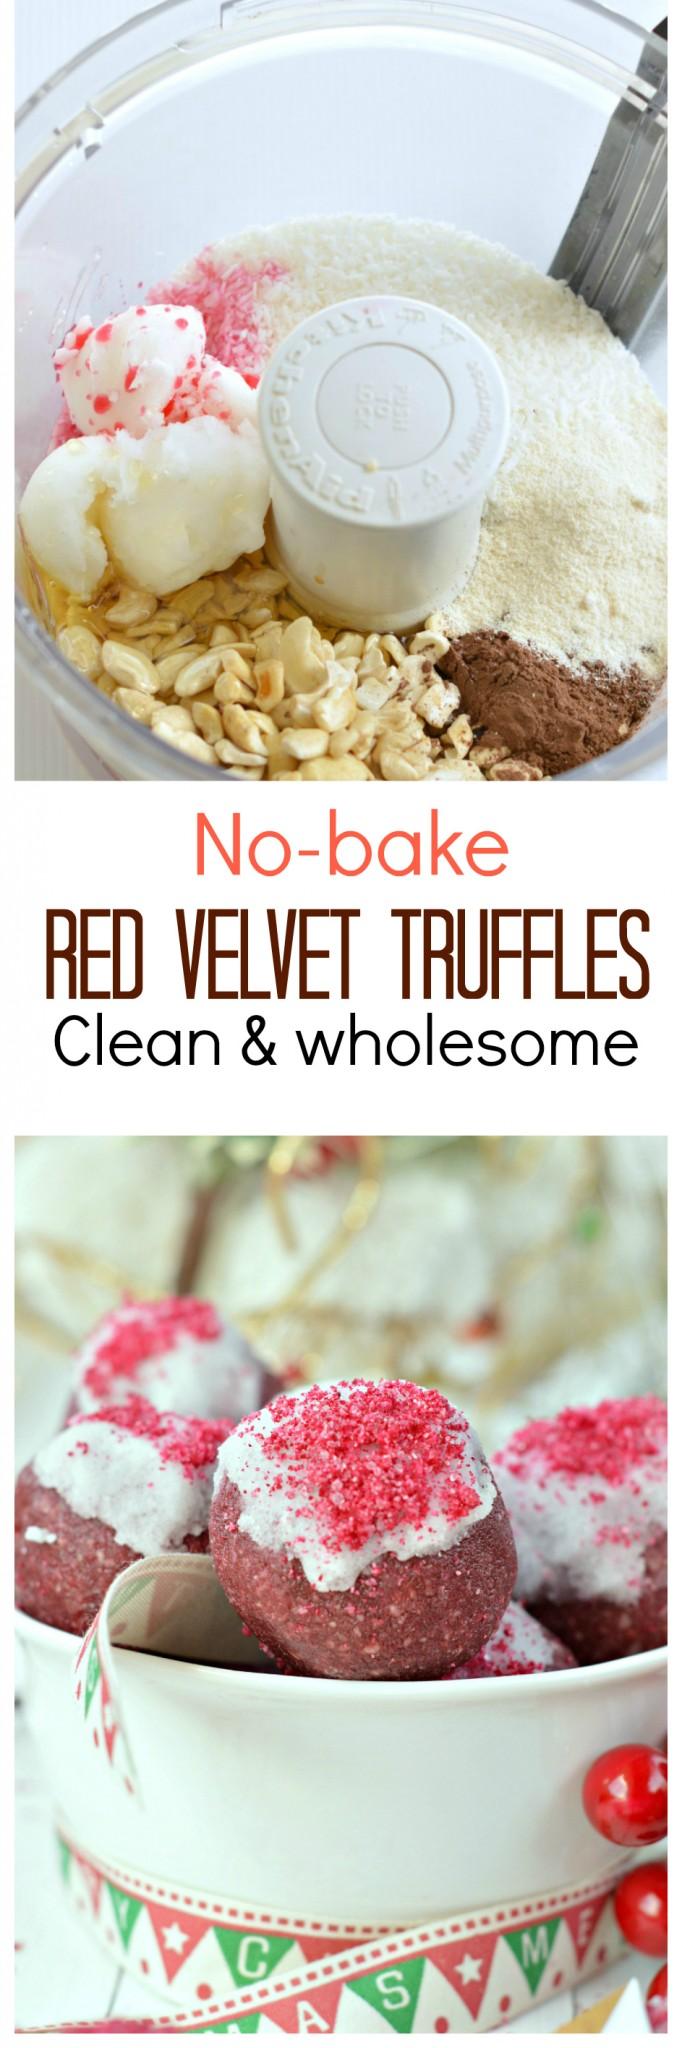 no bake red velvet truffles